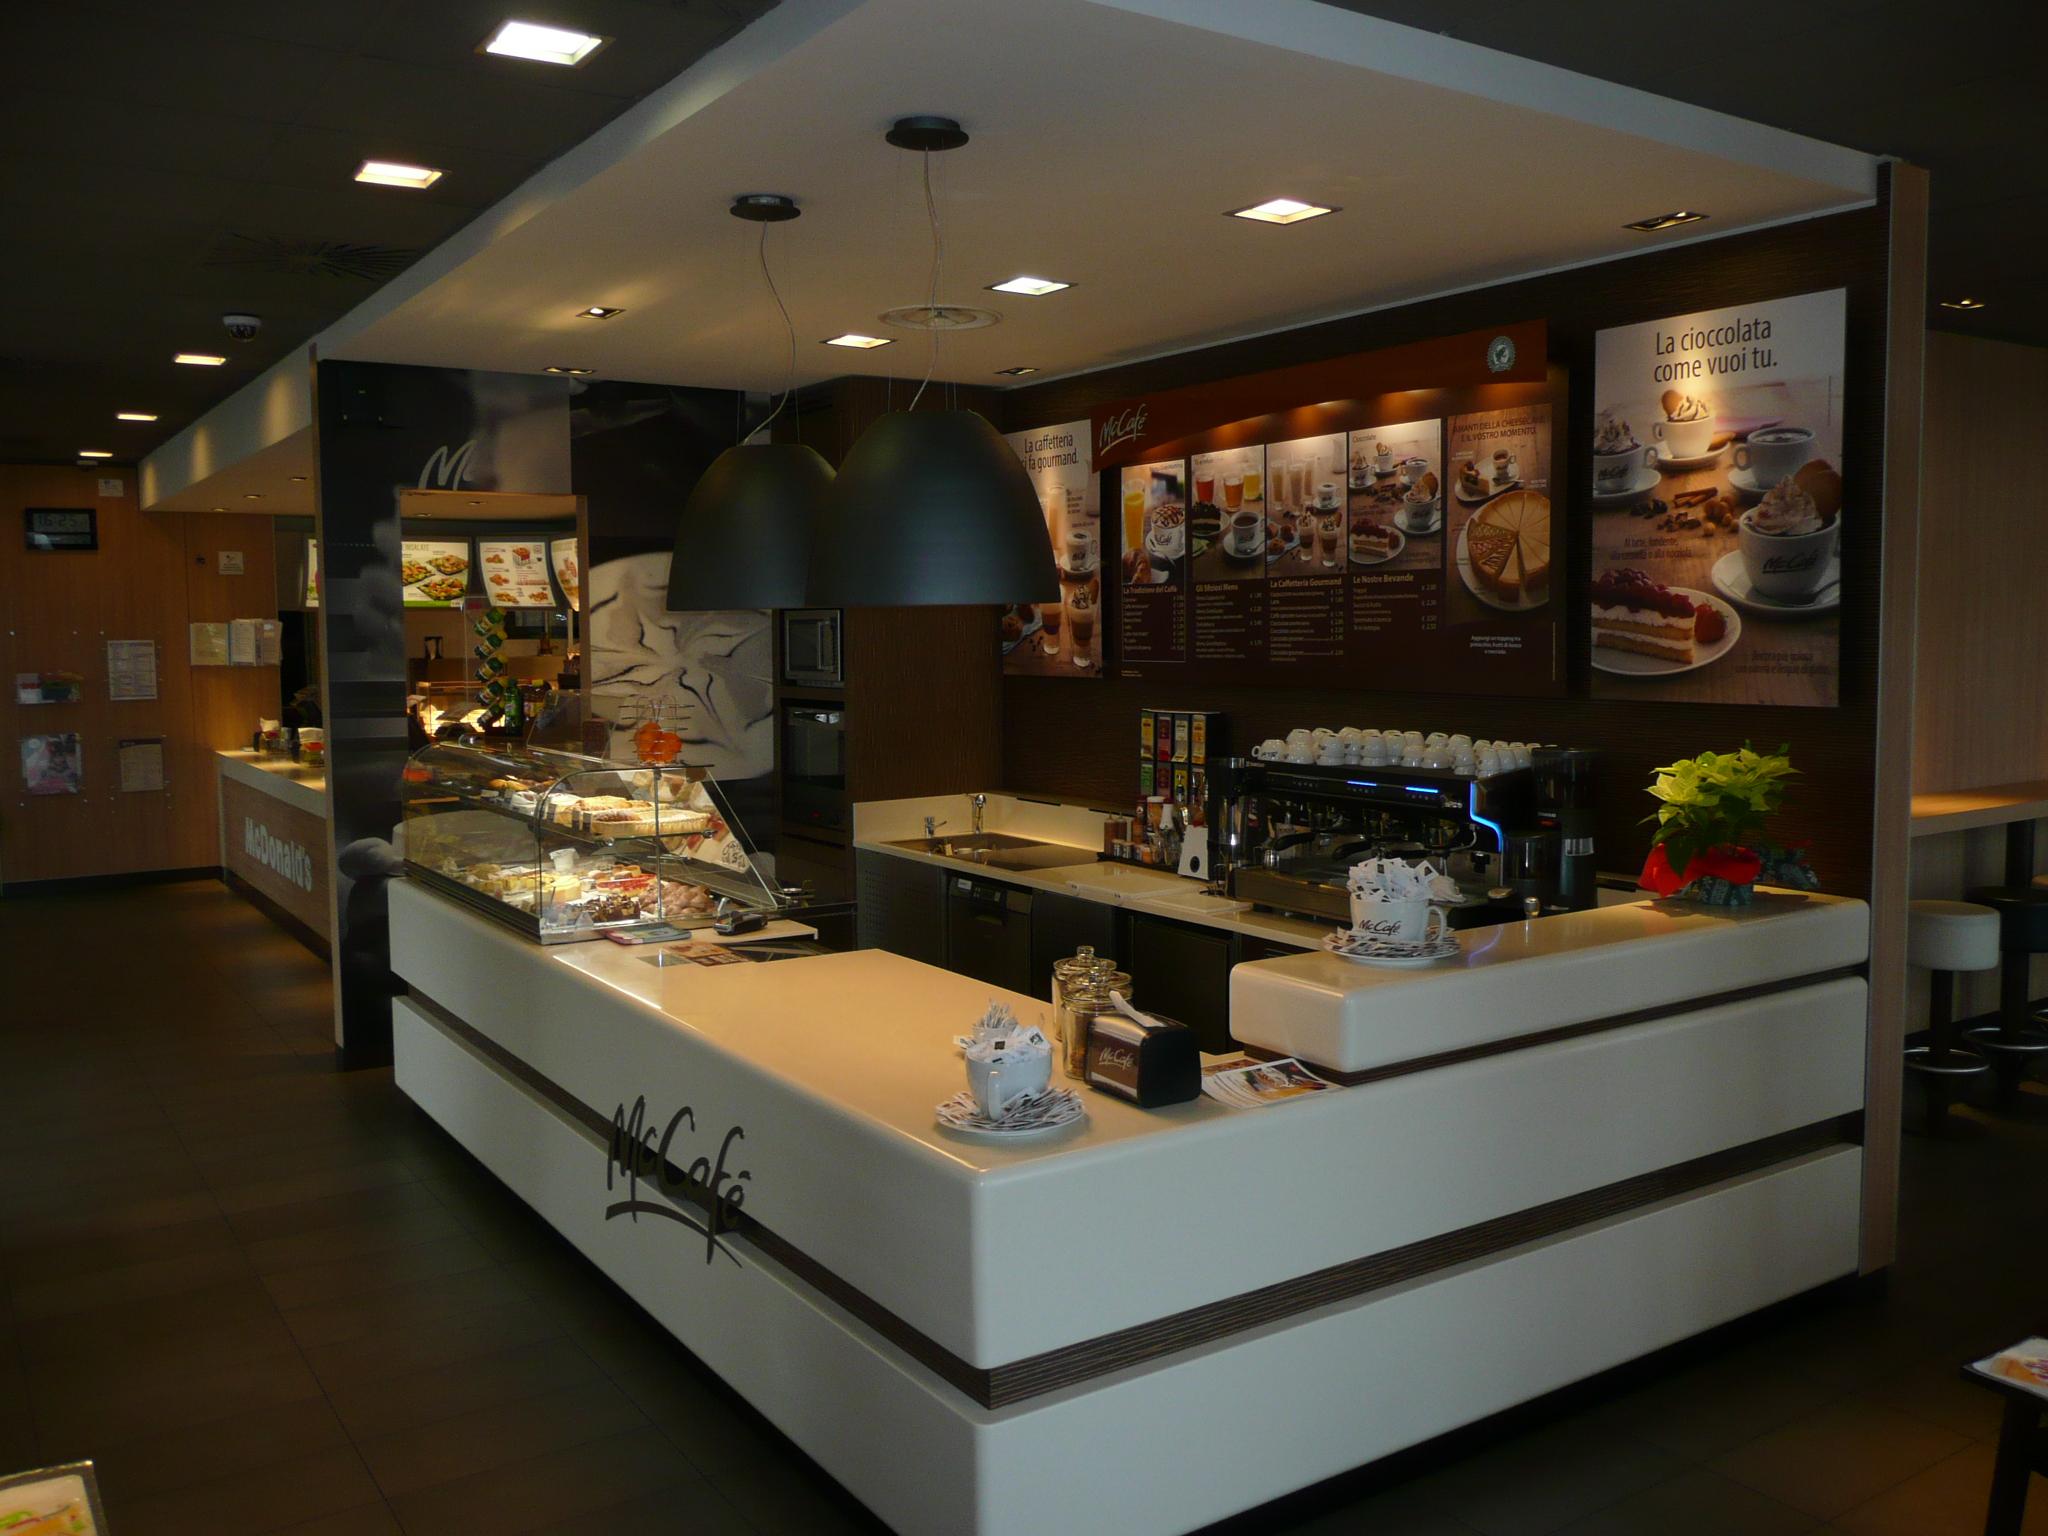 Arredamento su misura bar e ristoranti mccafe pordenone for Arredamento pordenone